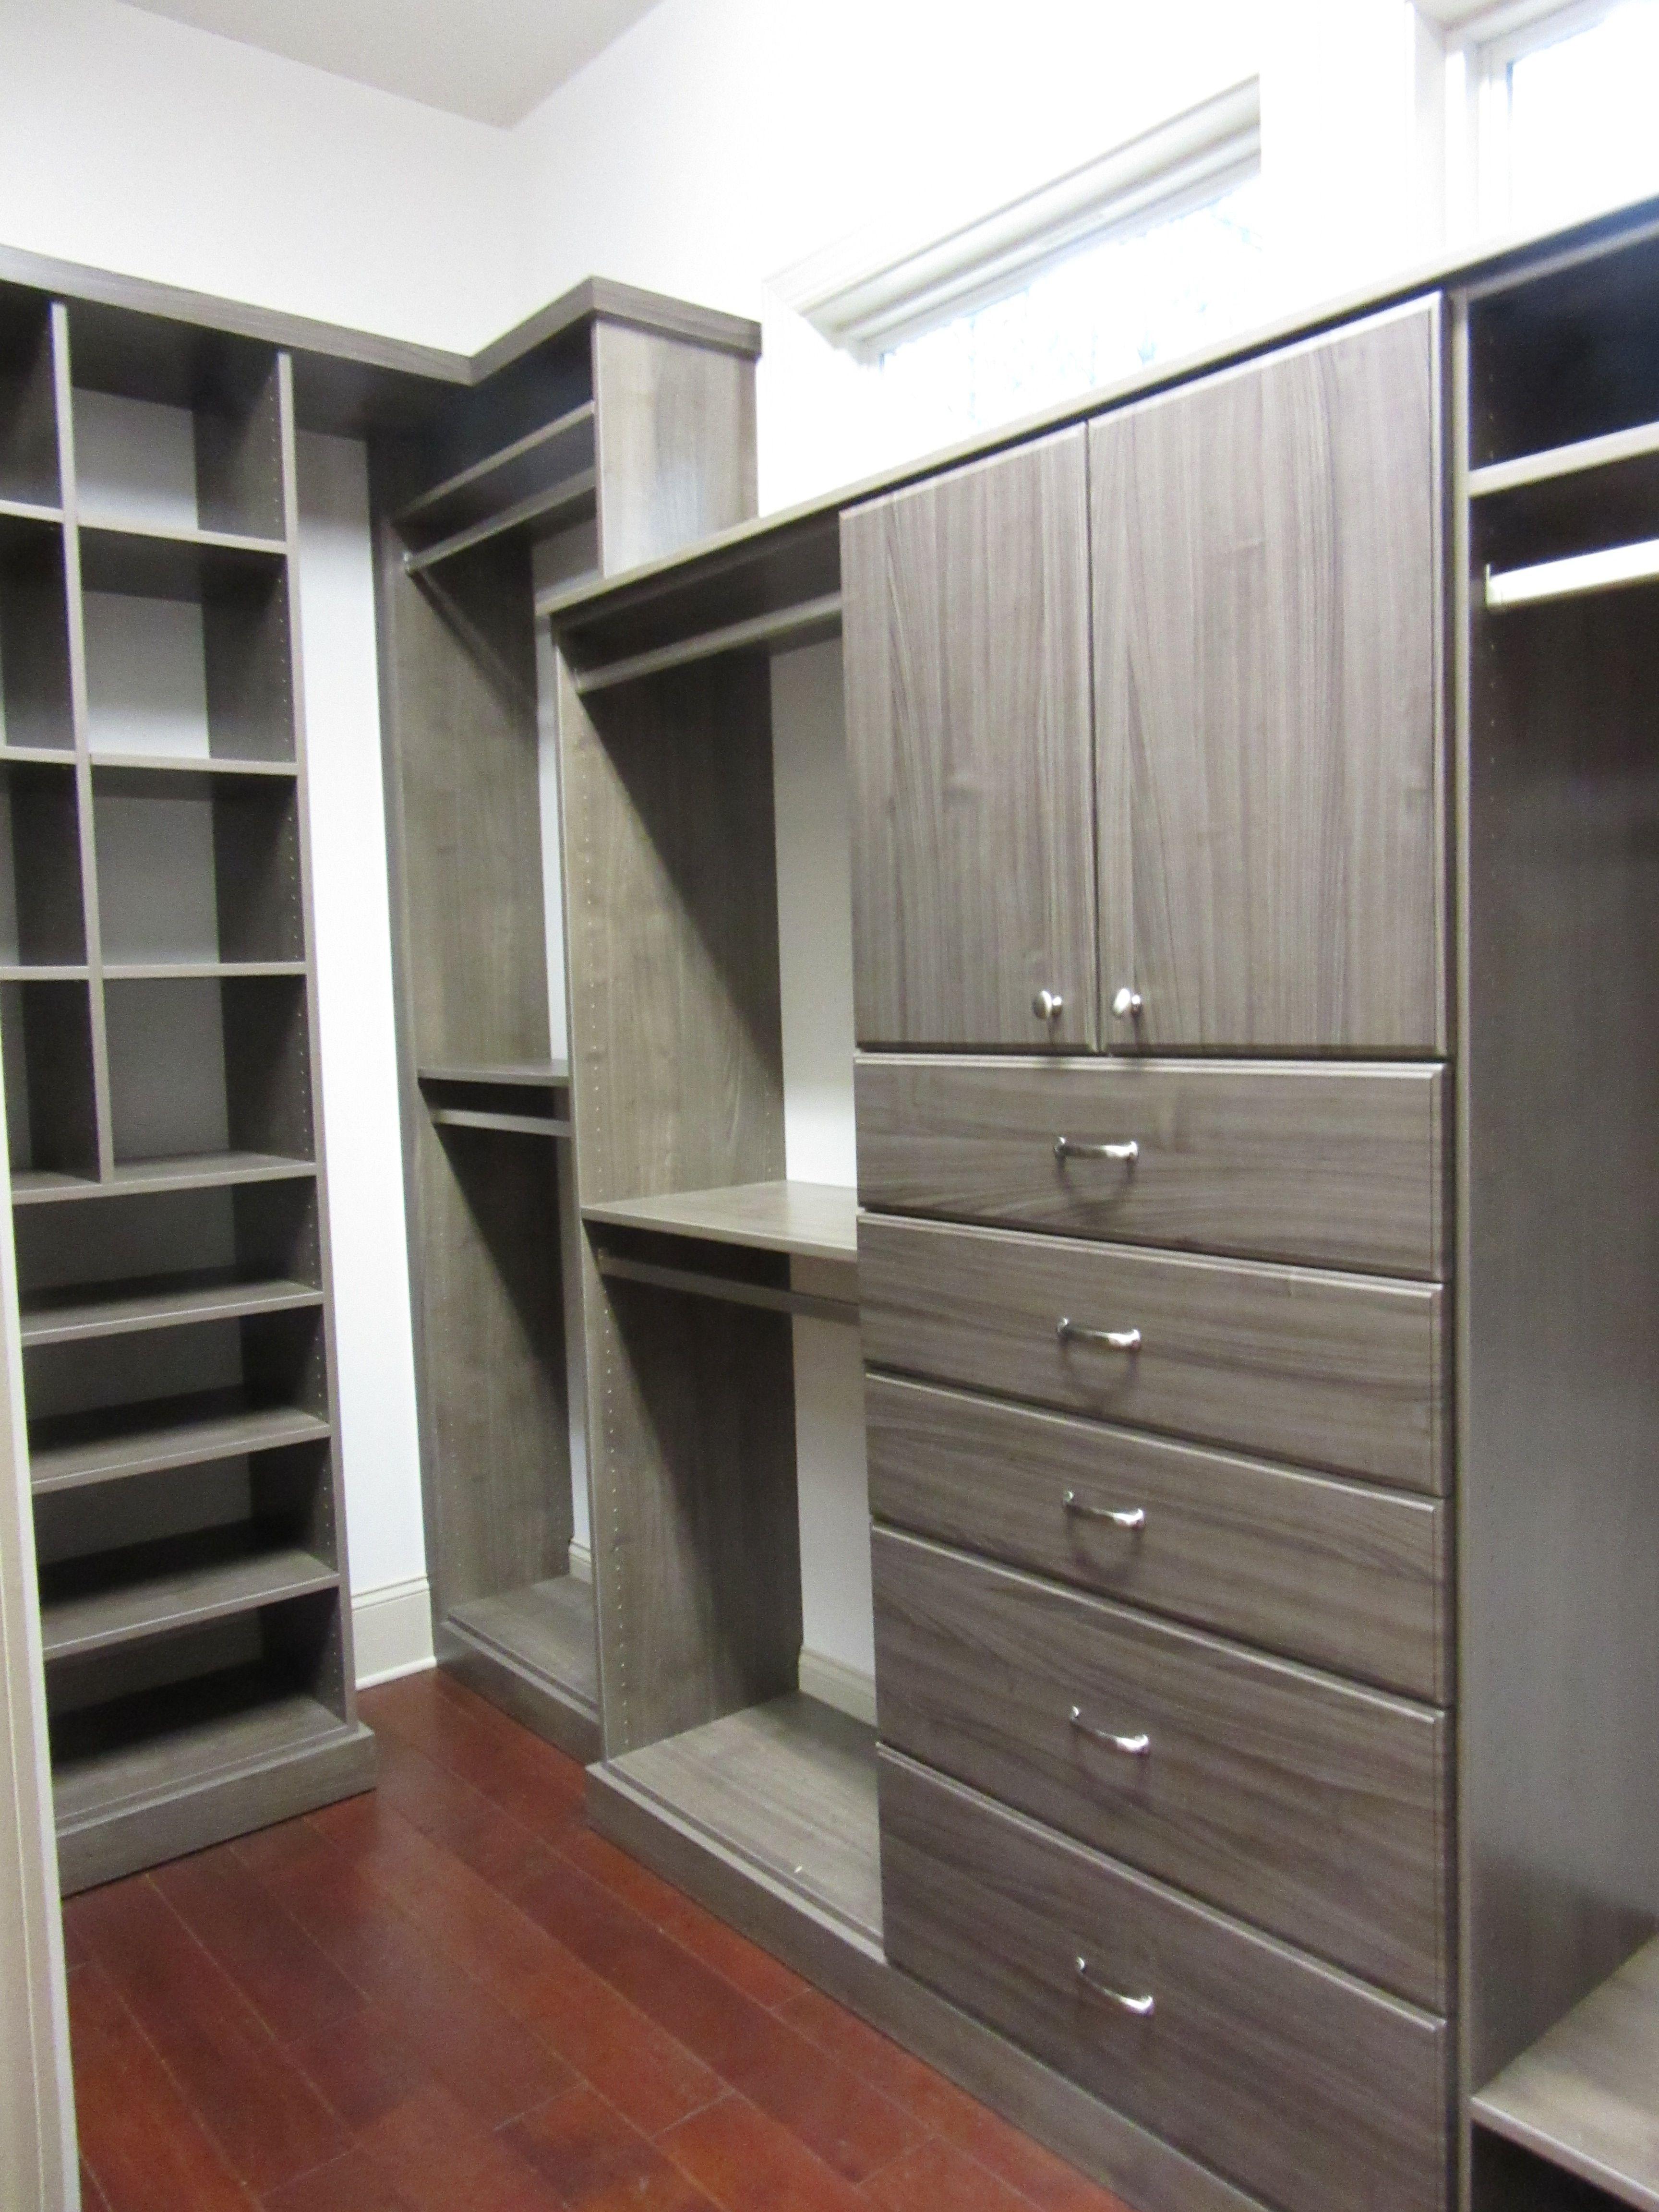 Closet Creations Built This Custom Closet For Parade Of Homes 2015 Arthur  Rutenberg Homes Raleigh,